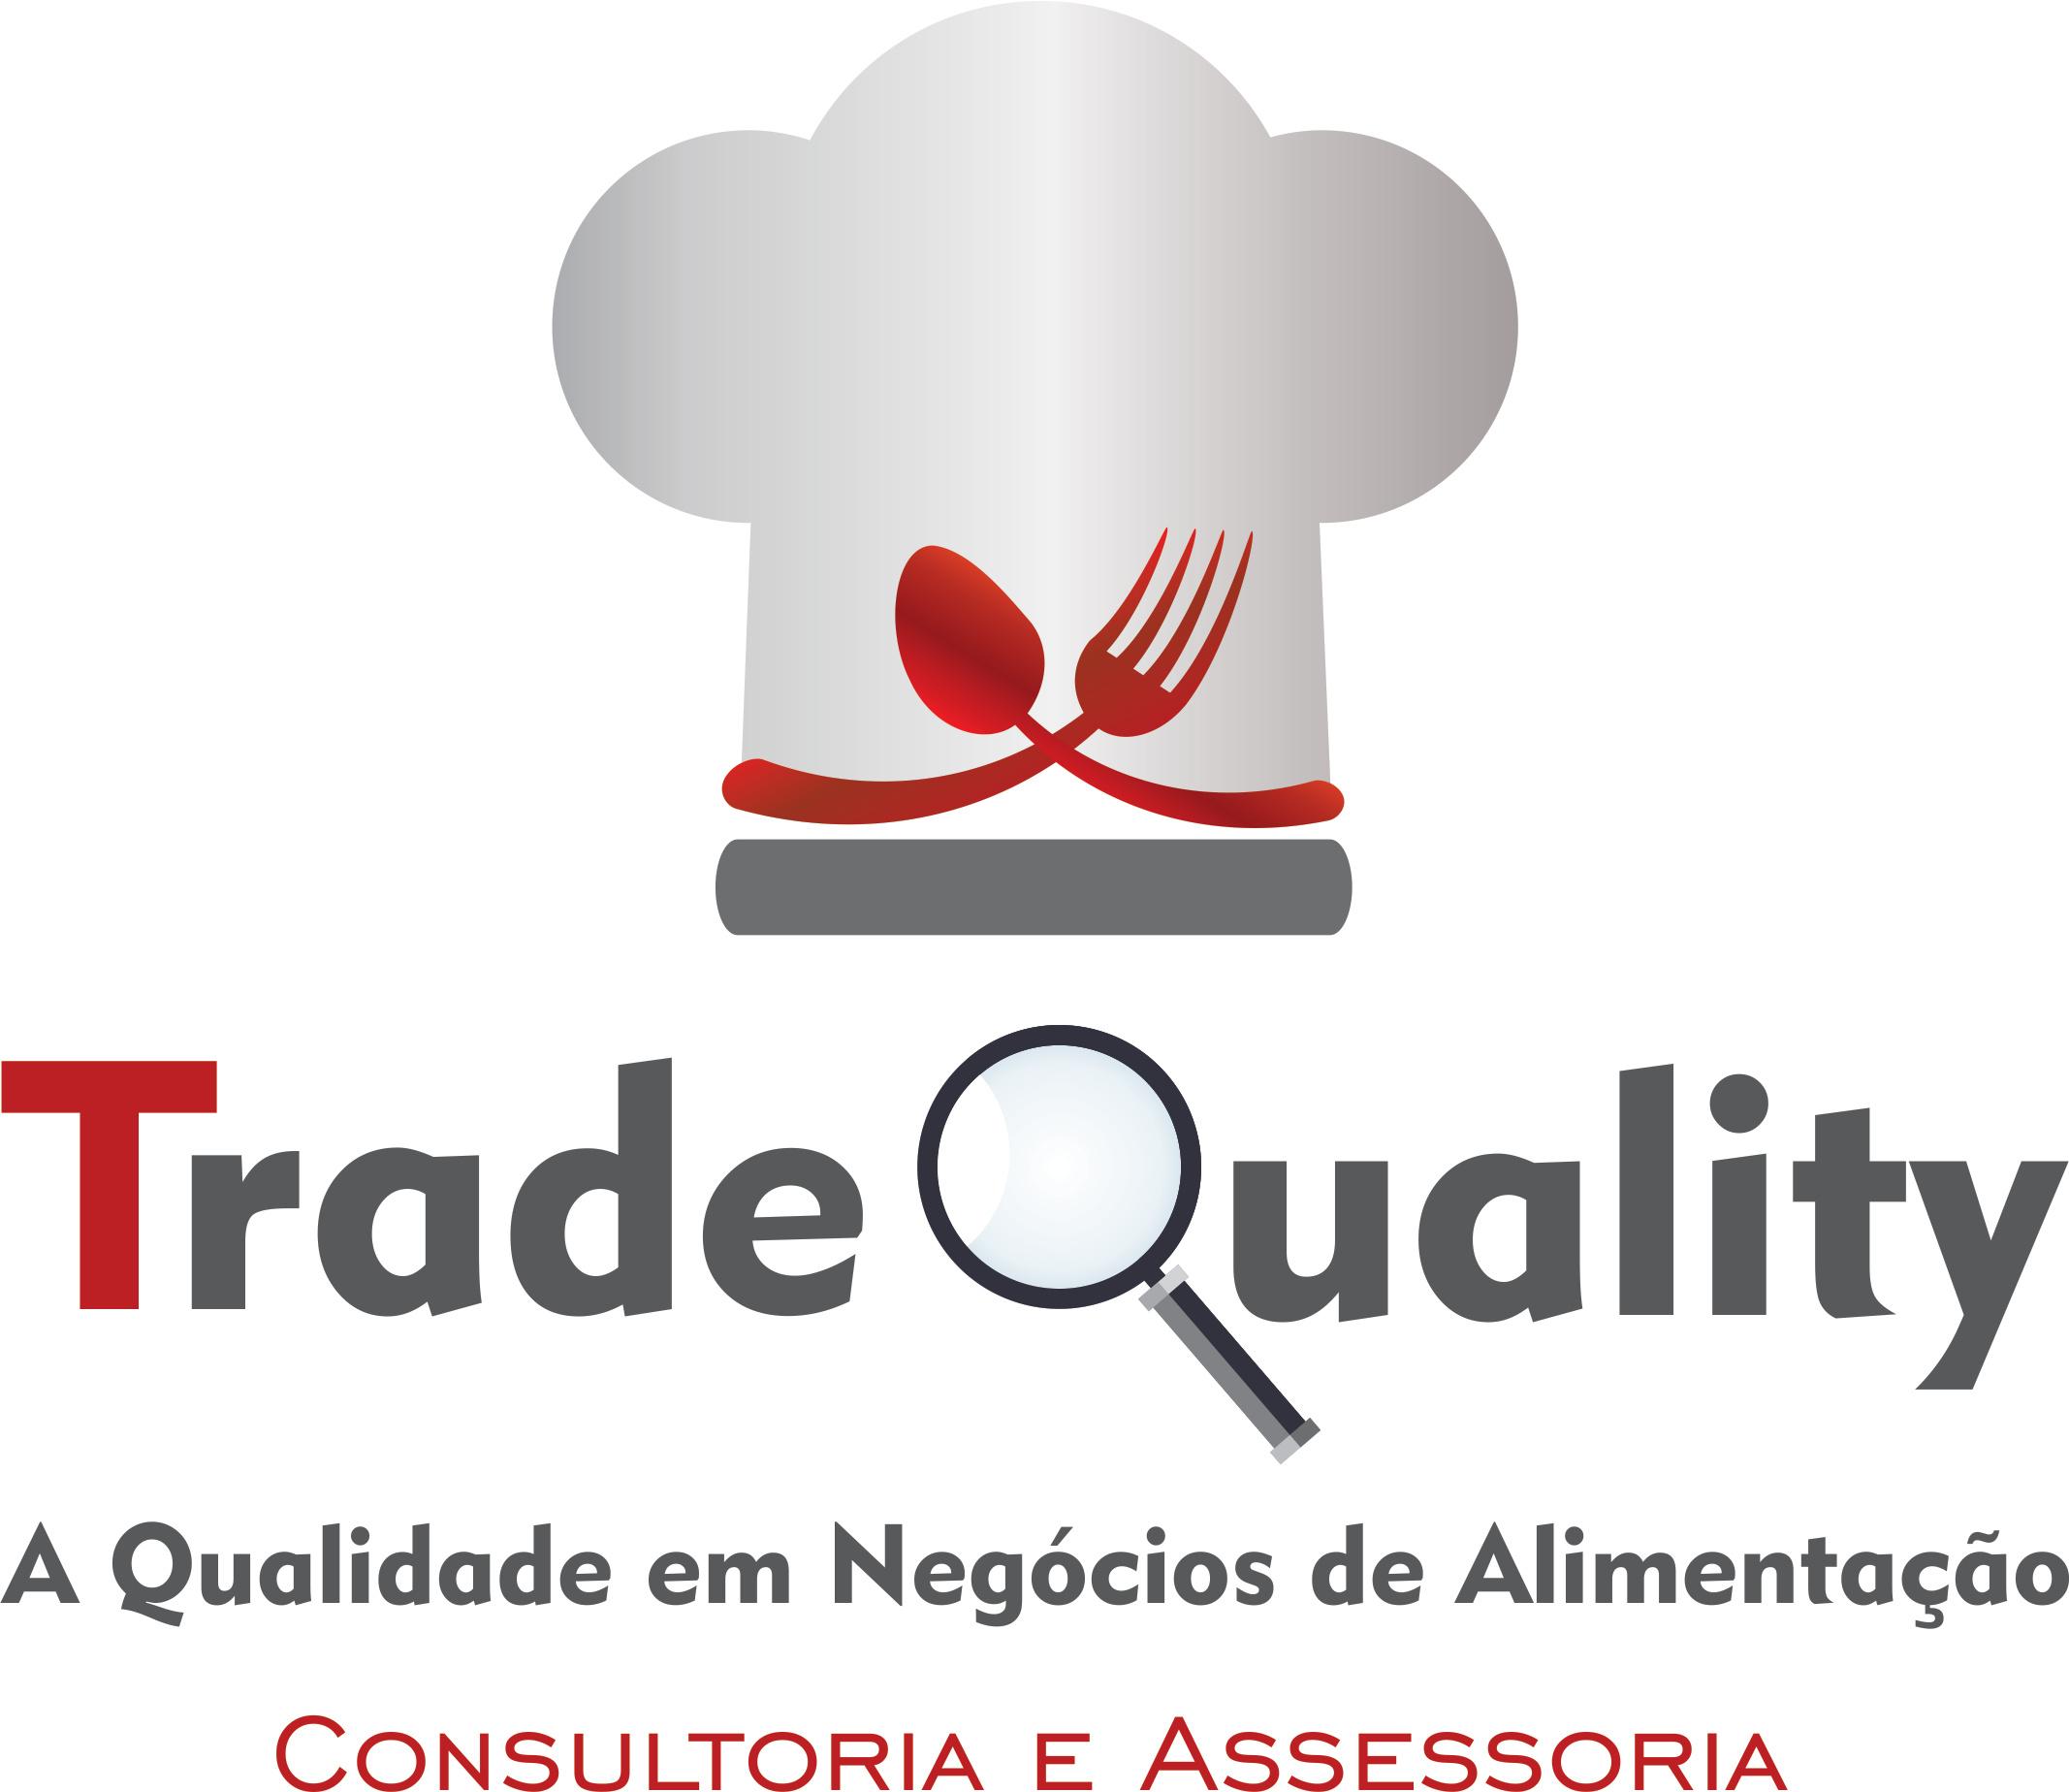 Trade Quality